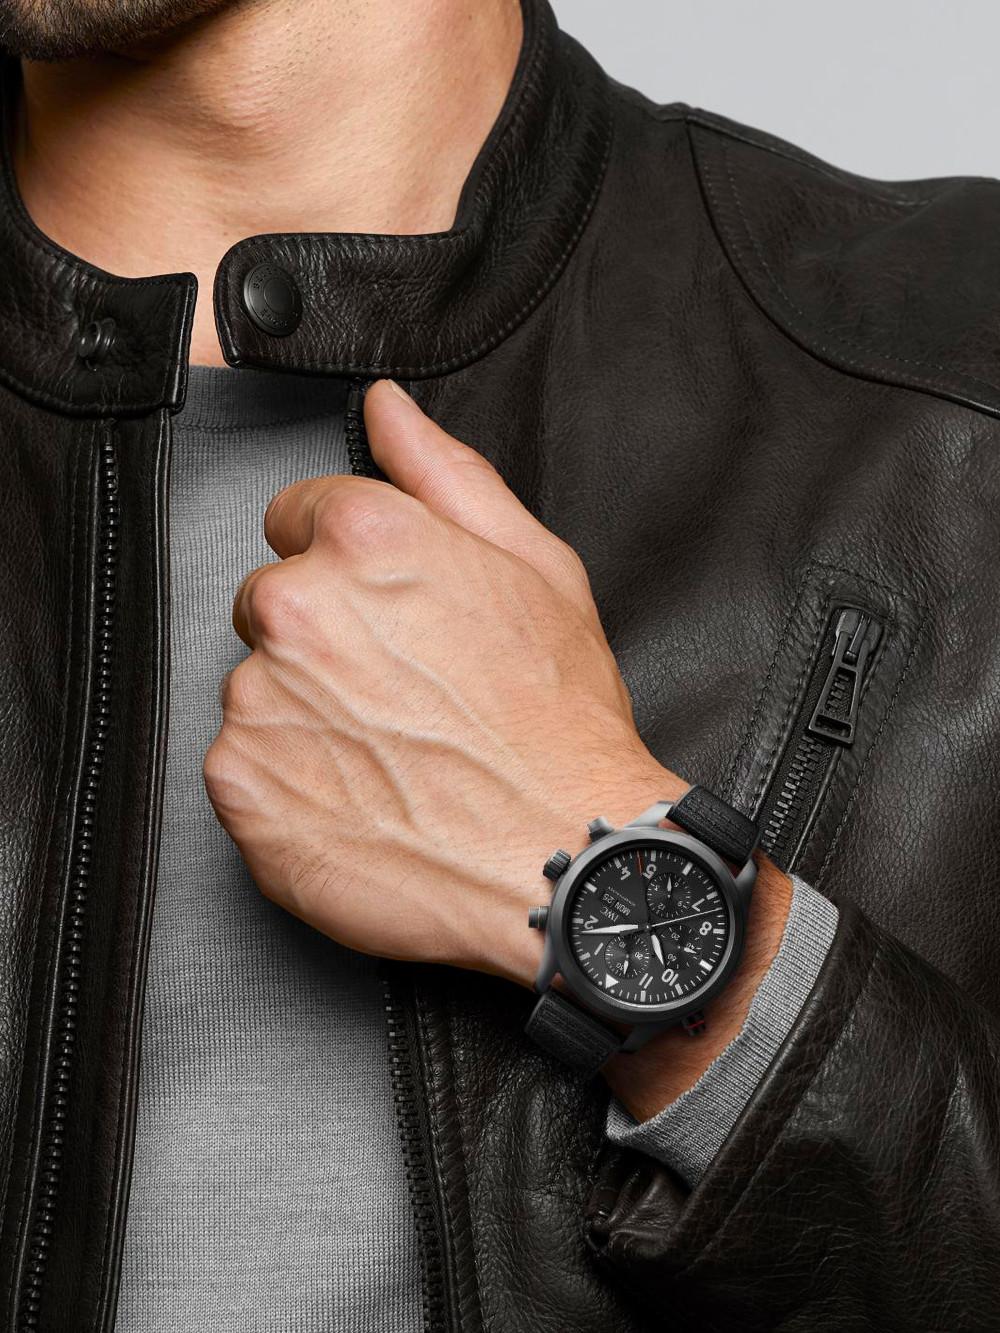 Pilot's Watch Chronograph Top Gun Ceratanium 03